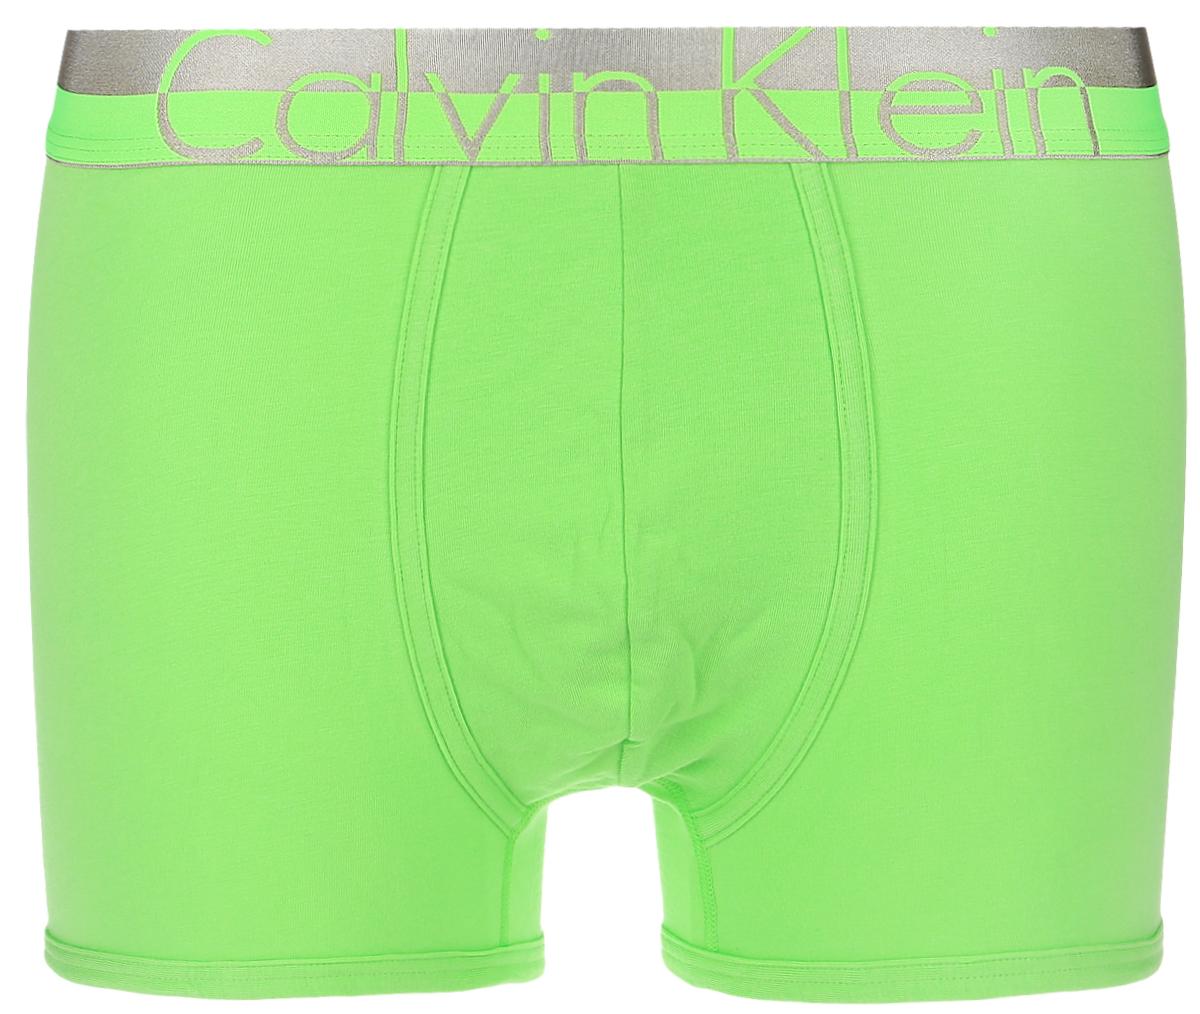 Трусы-боксеры мужские Calvin Klein Underwear, цвет: лайм. NB1092A_5PG. Размер S (46) трусы боксеры мужские calvin klein underwear цвет голубой черный nb1042a 5hs размер s 46